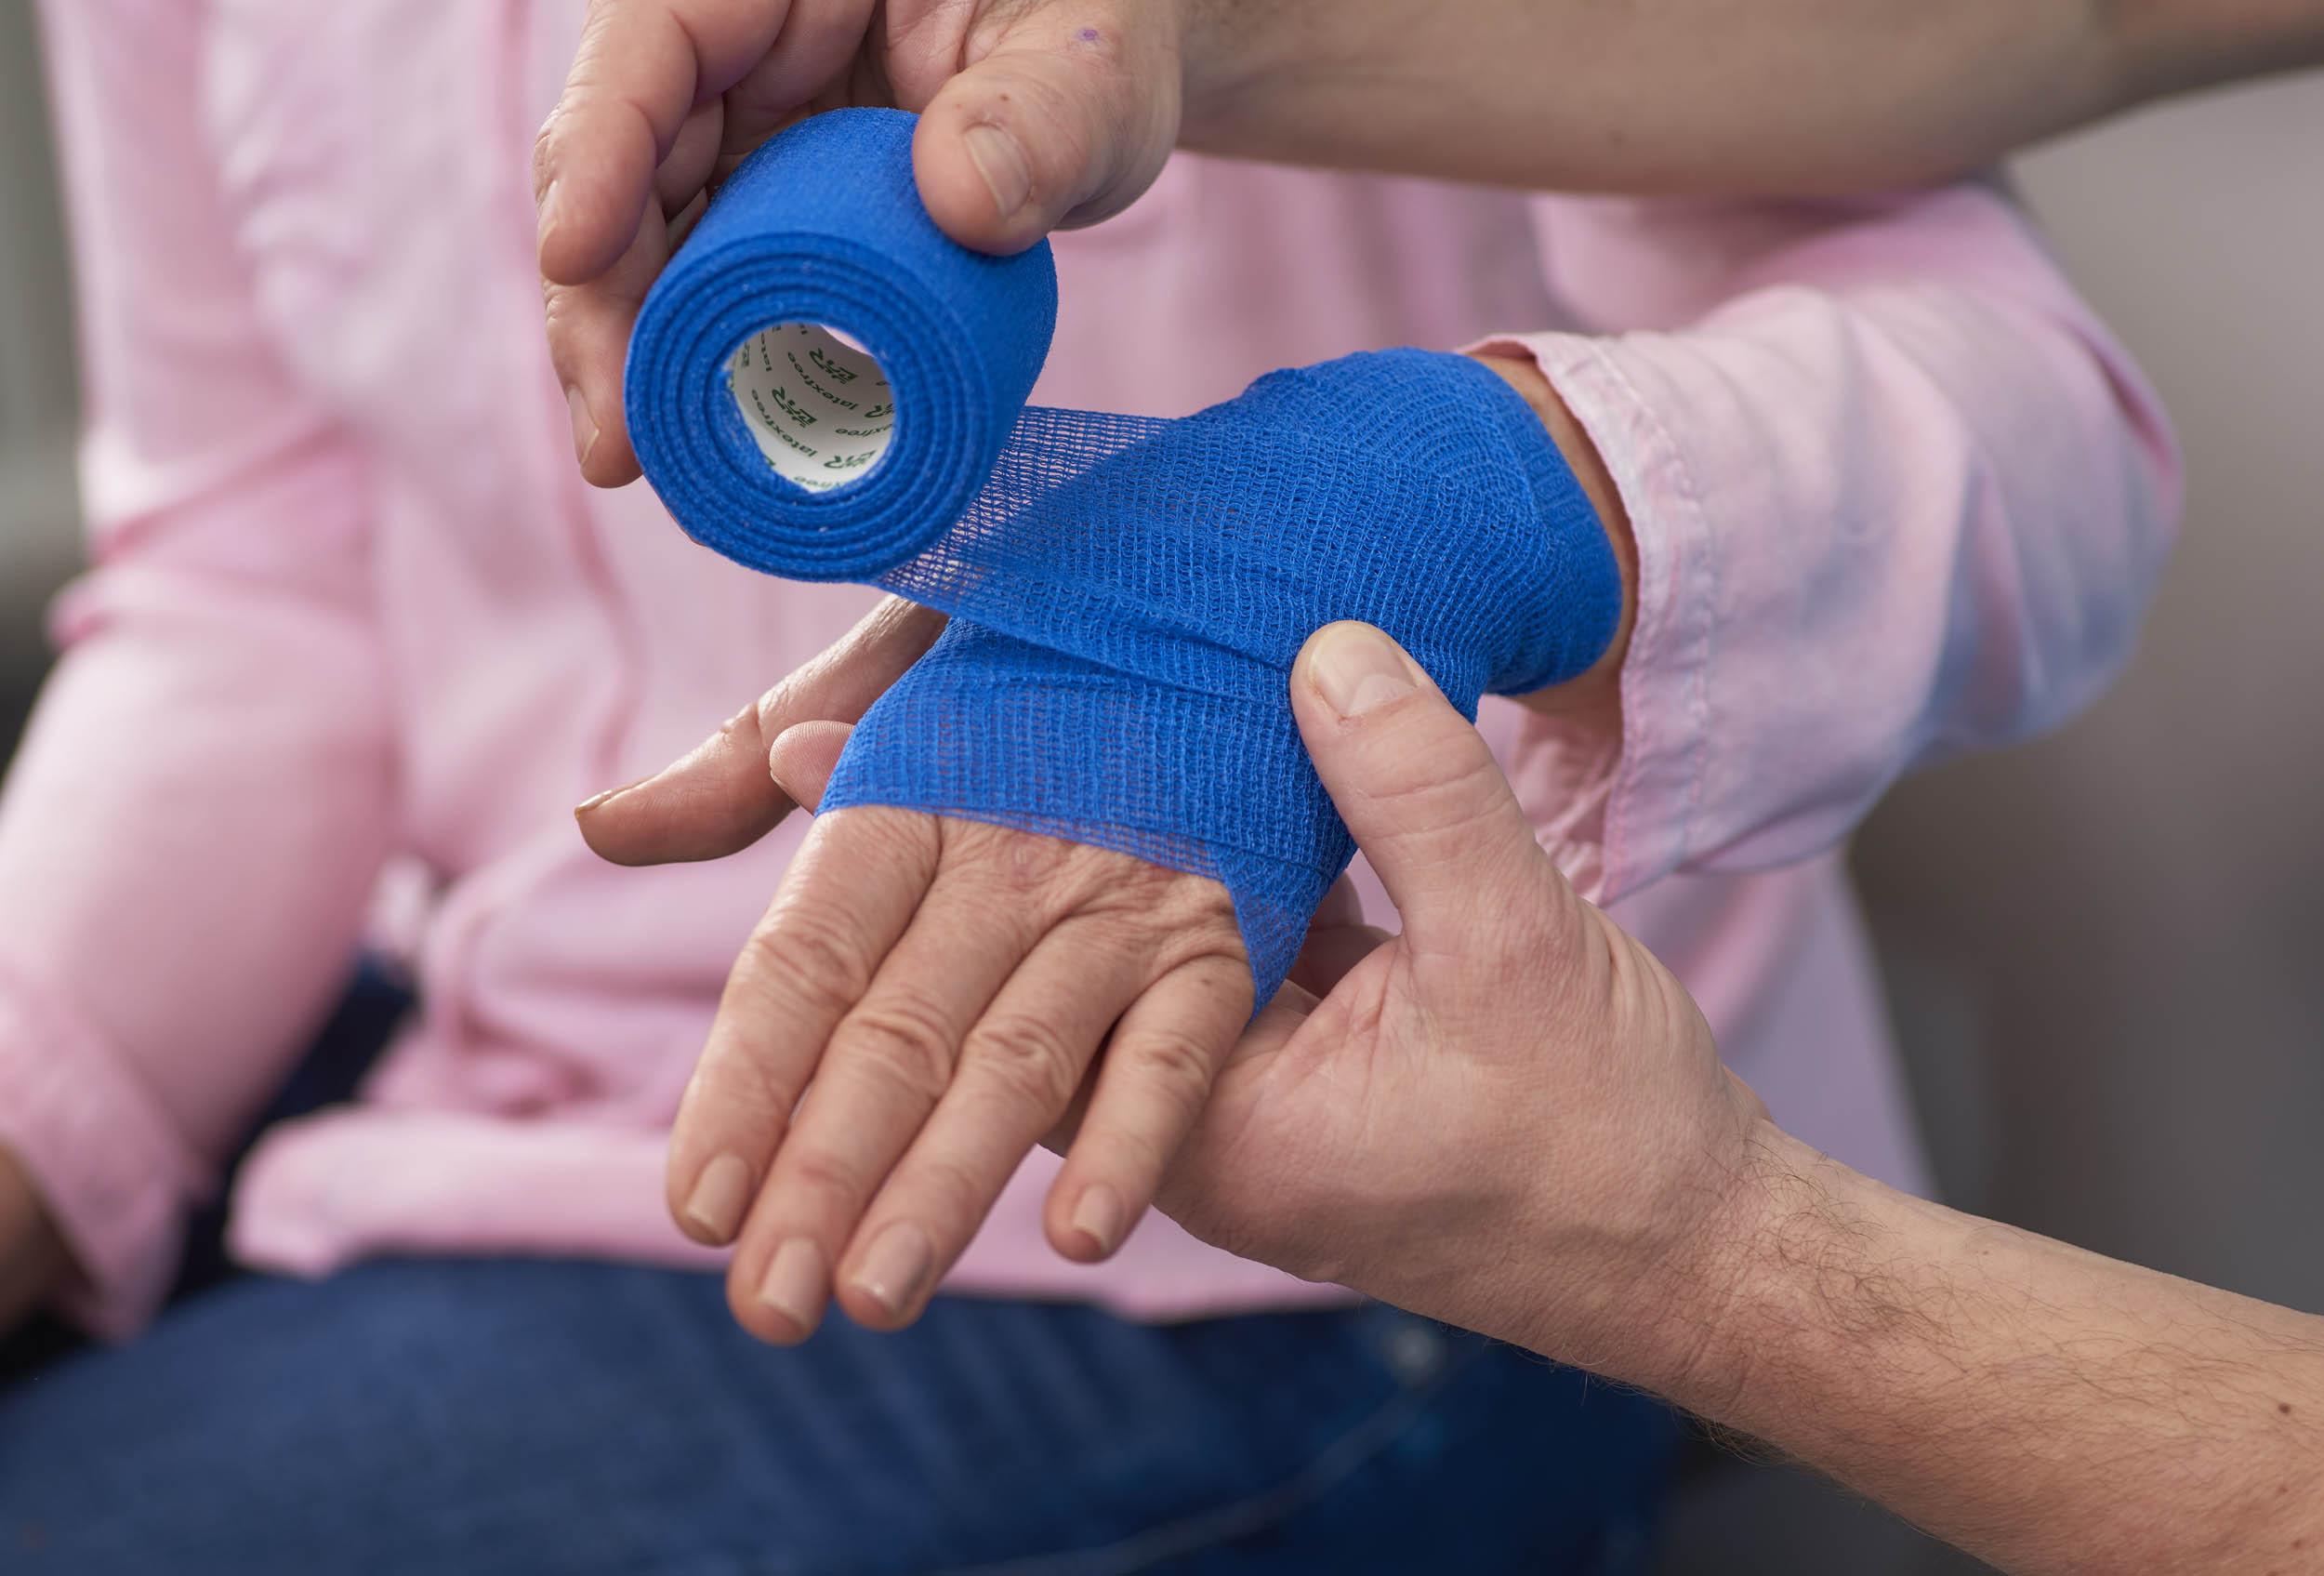 Arzt legt Verband um die Hand nach einem handchirurgischen Eingriff